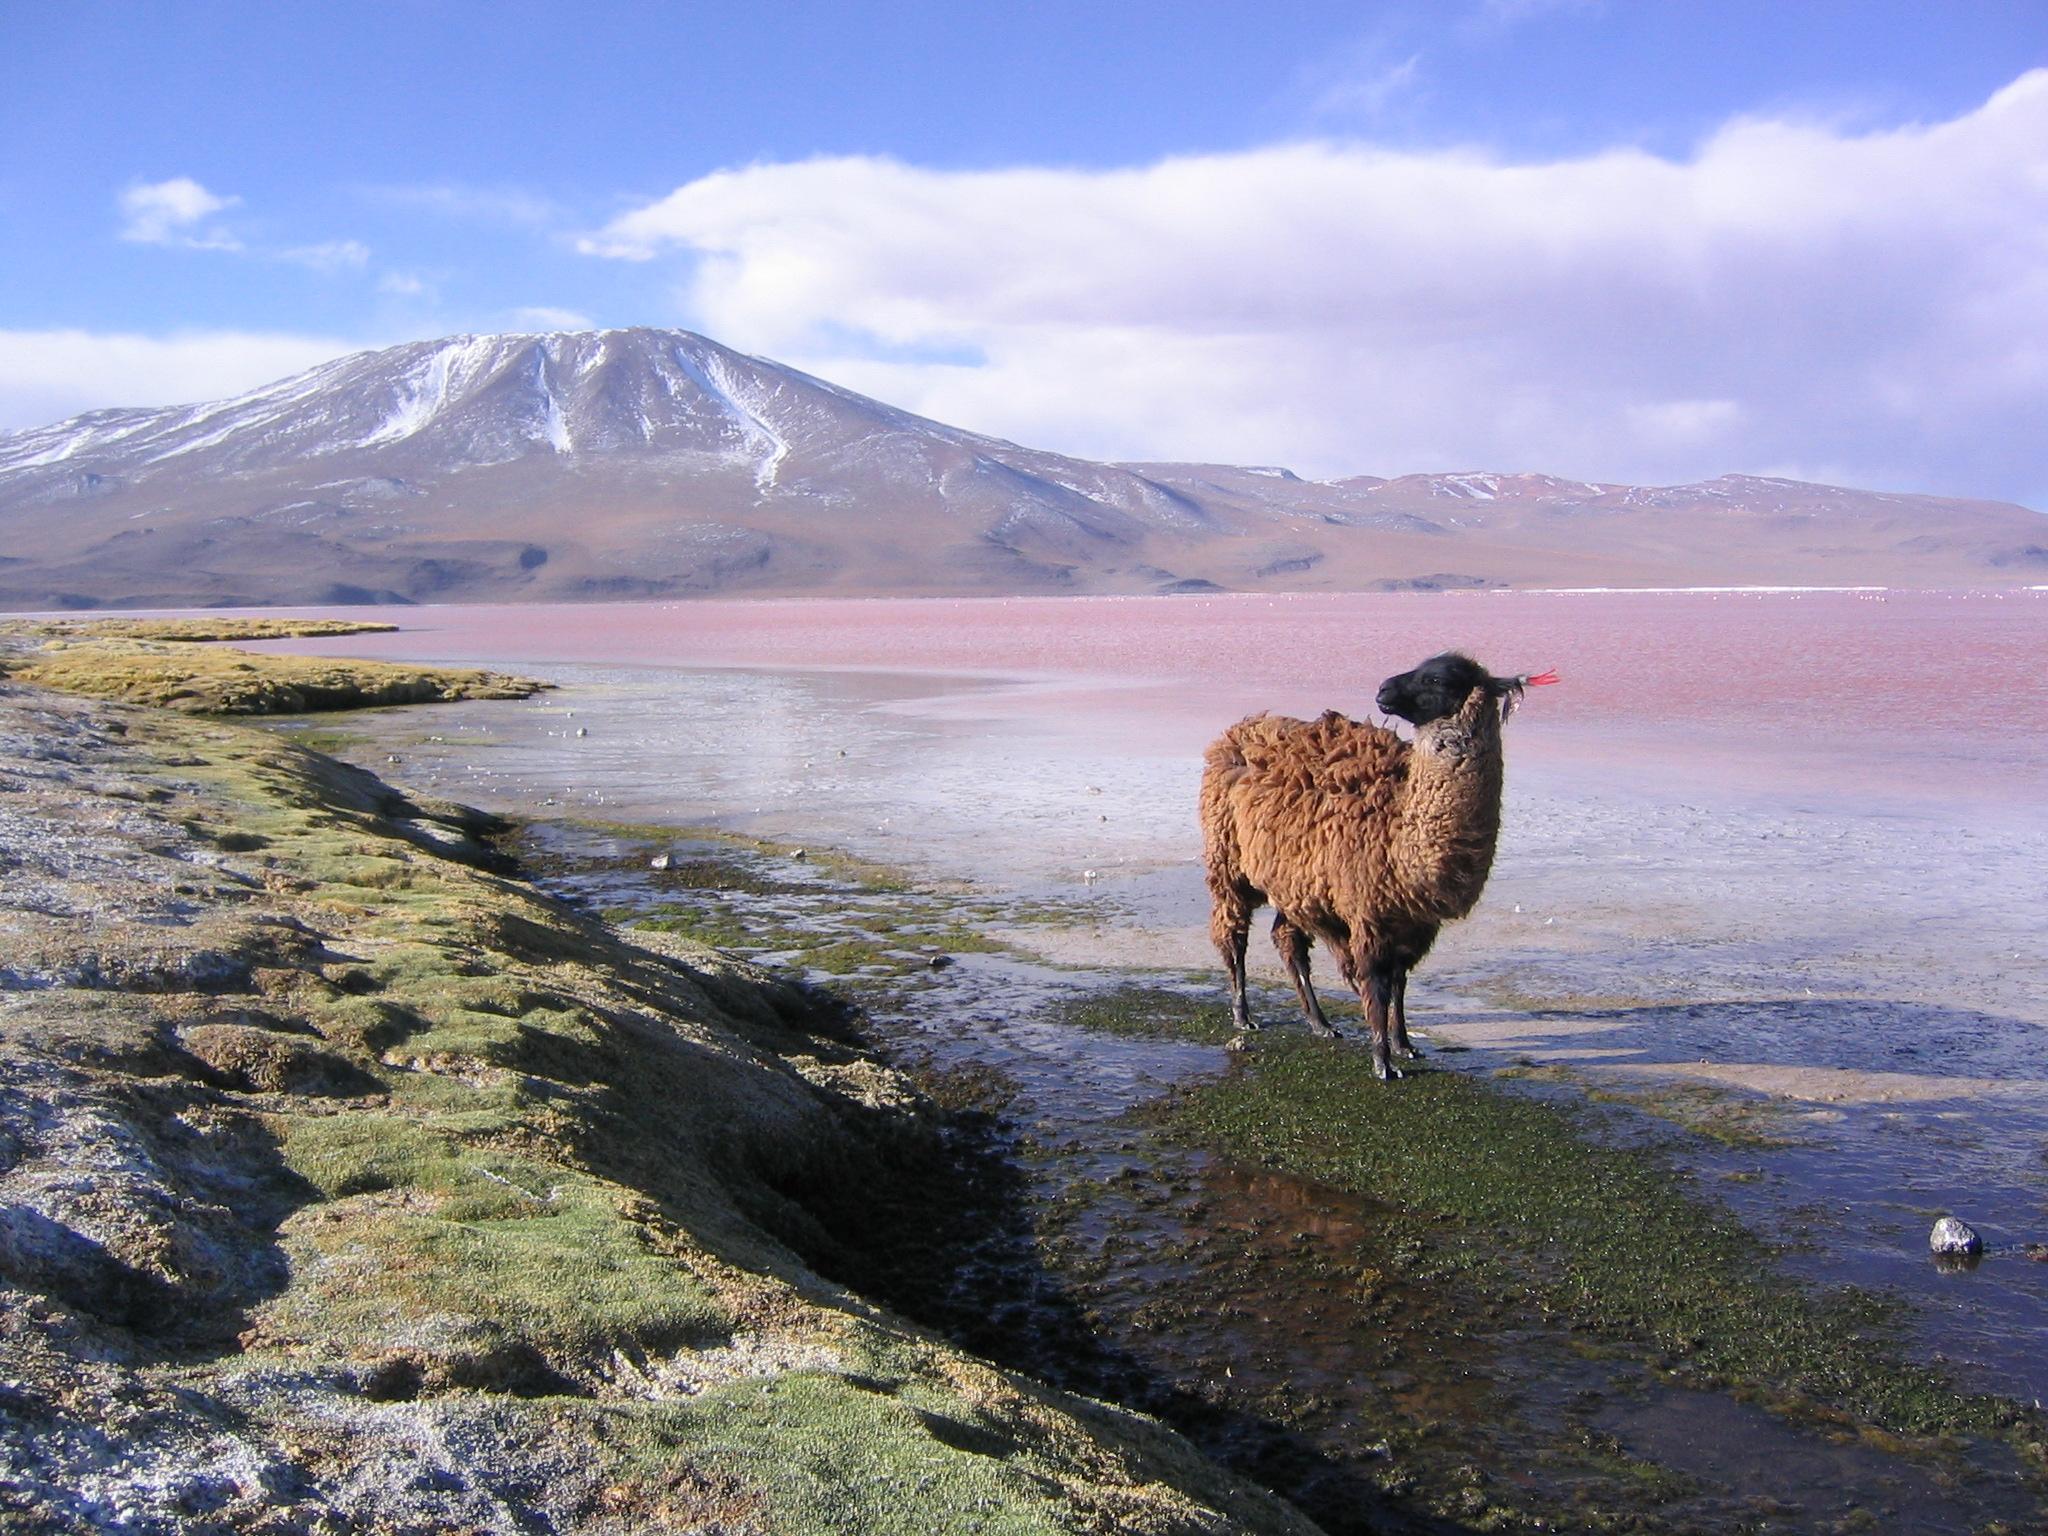 BOLIVIA: IL MIRACOLO ECONOMICO DI CUI NESSUNO PARLA